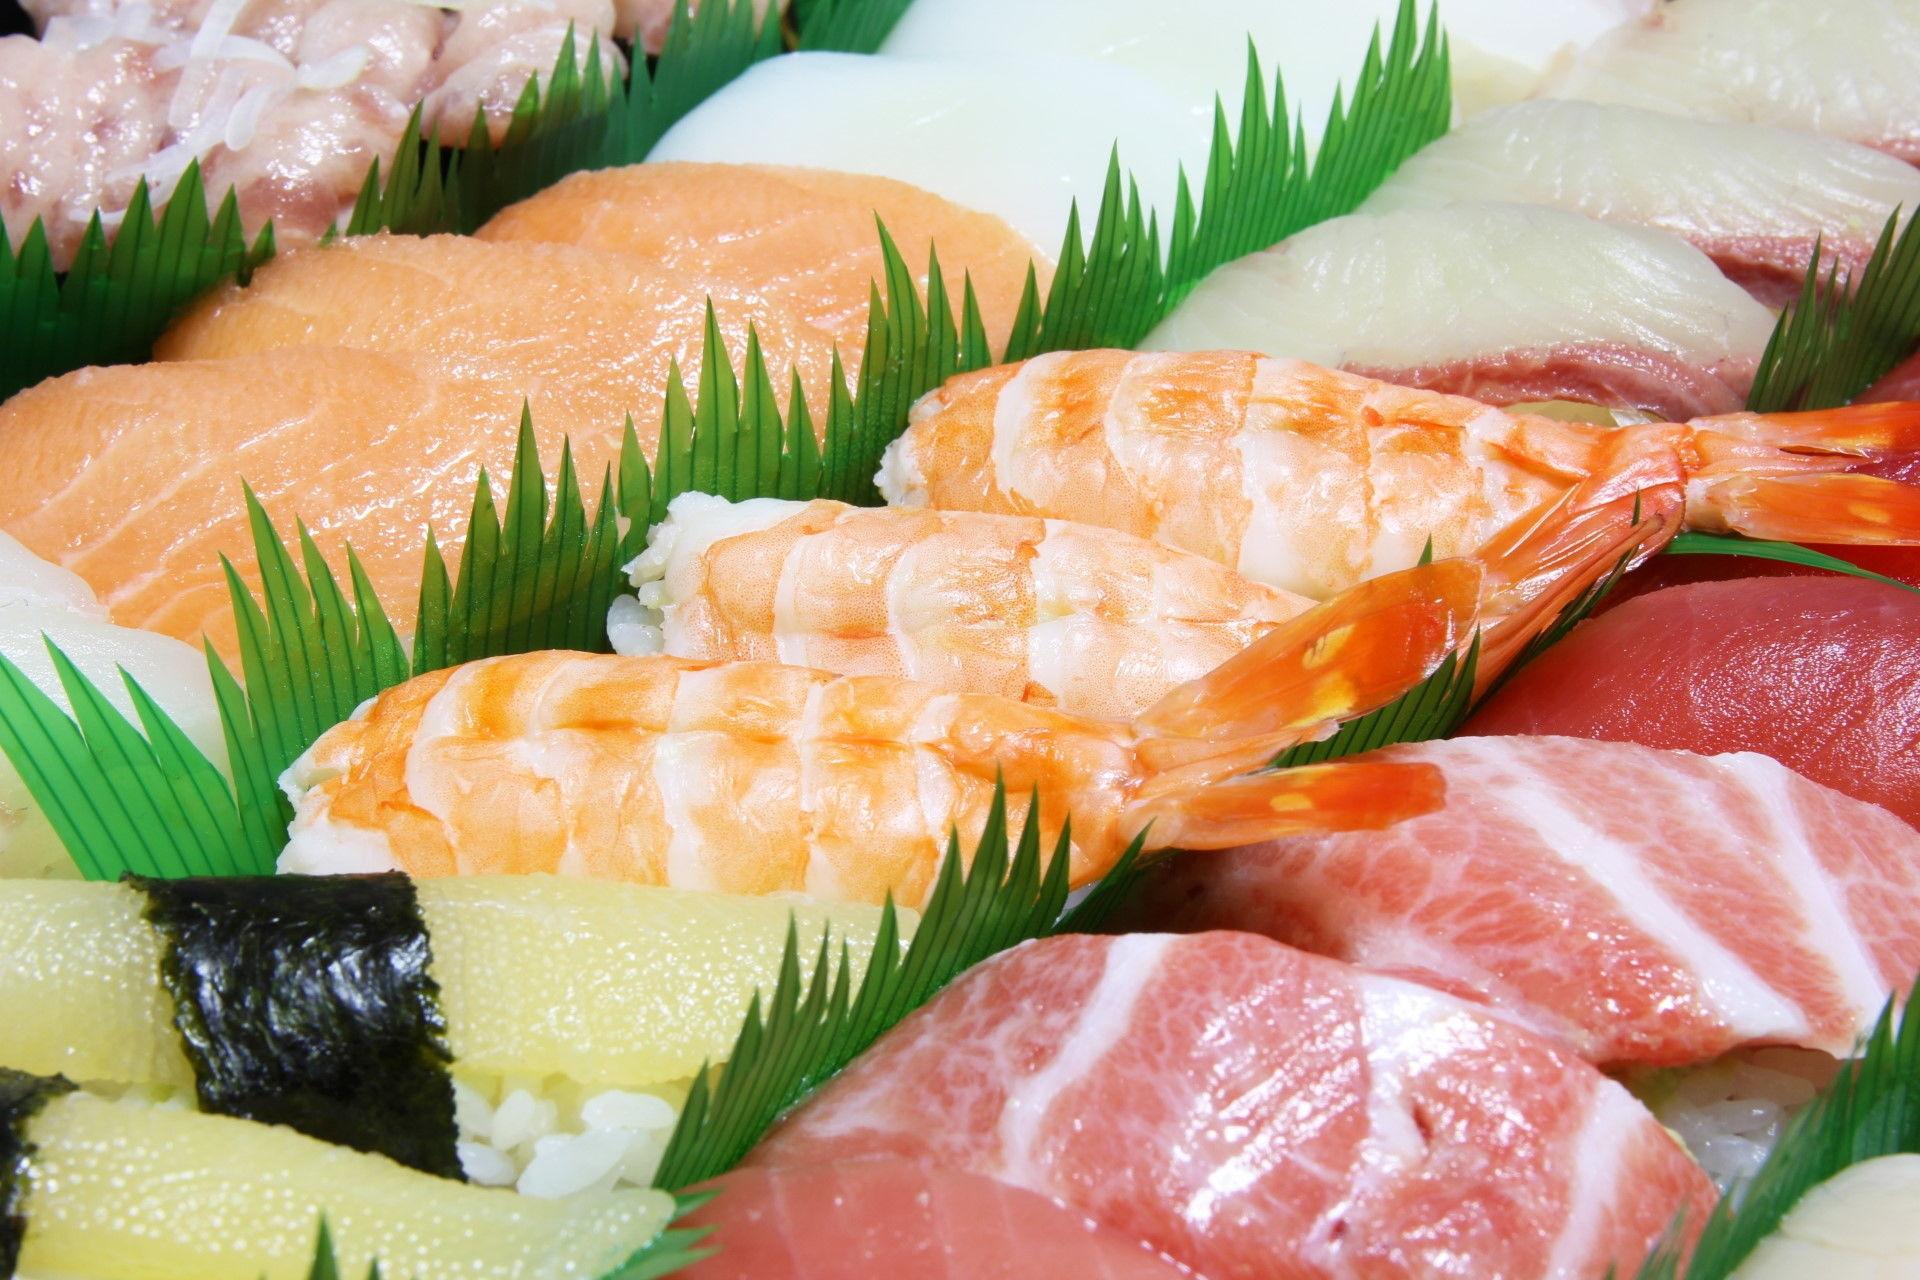 「くら寿司」の勢いに陰り 「スシロー」も2カ月連続で前年実績割れ